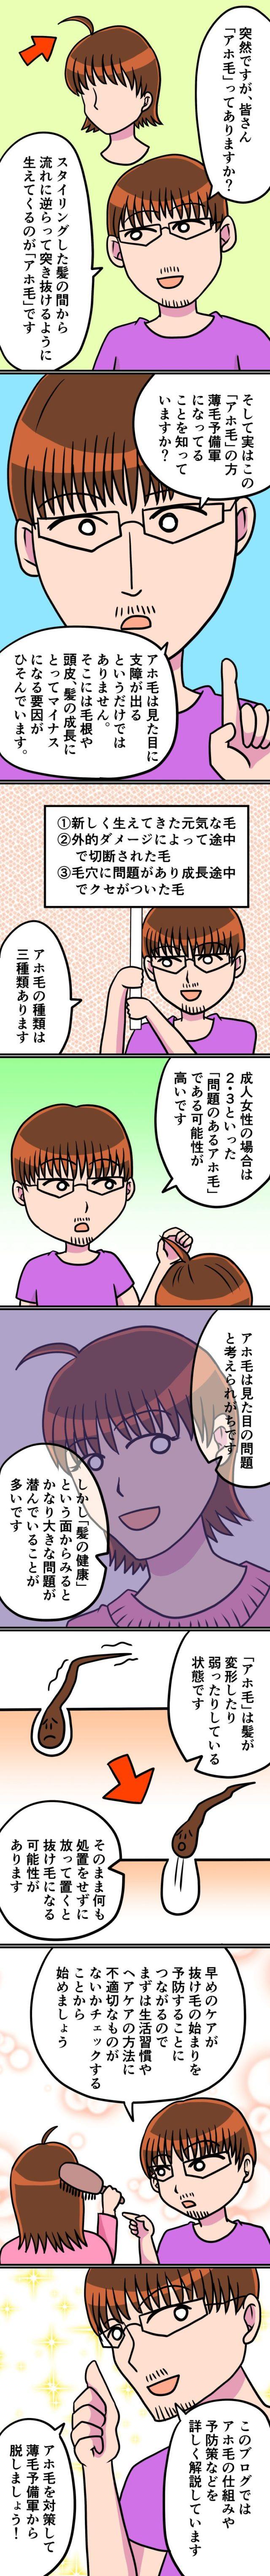 アホ毛が薄毛につながる理由-完成縮小版-min